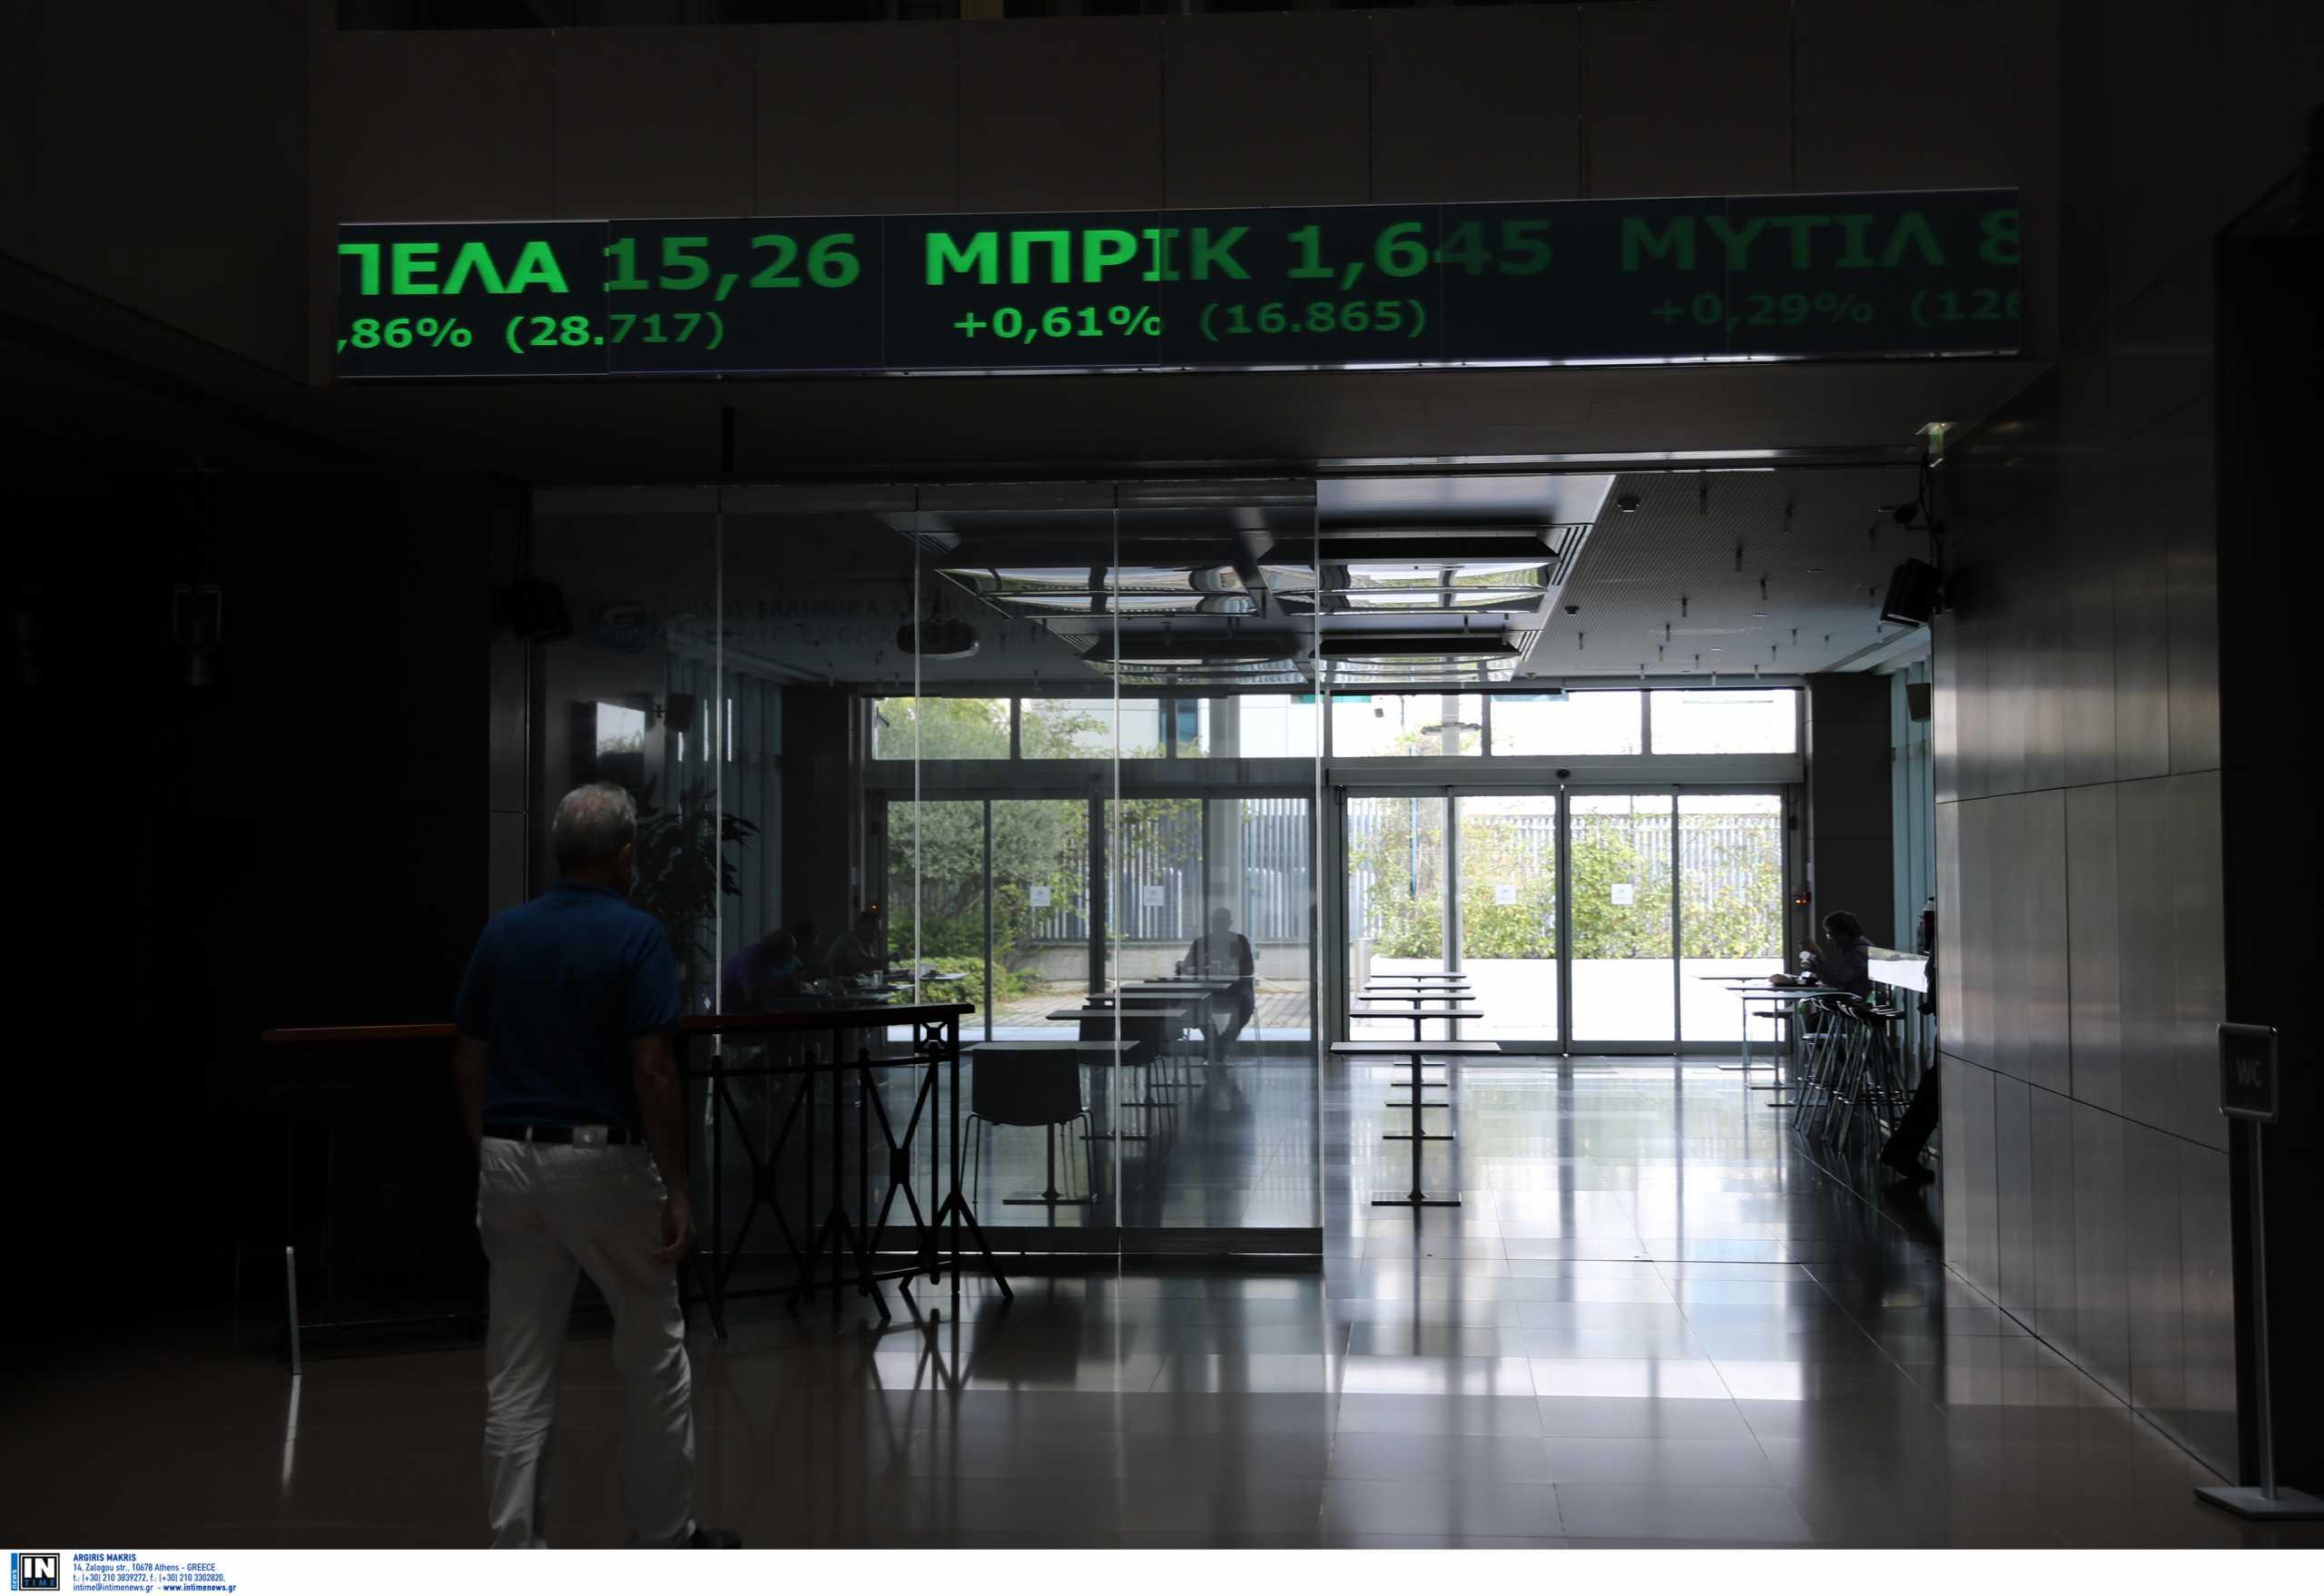 Χρηματιστήριο: Με απώλειες 11,75% έκλεισε η τελευταία συνεδρίαση της χρονιάς